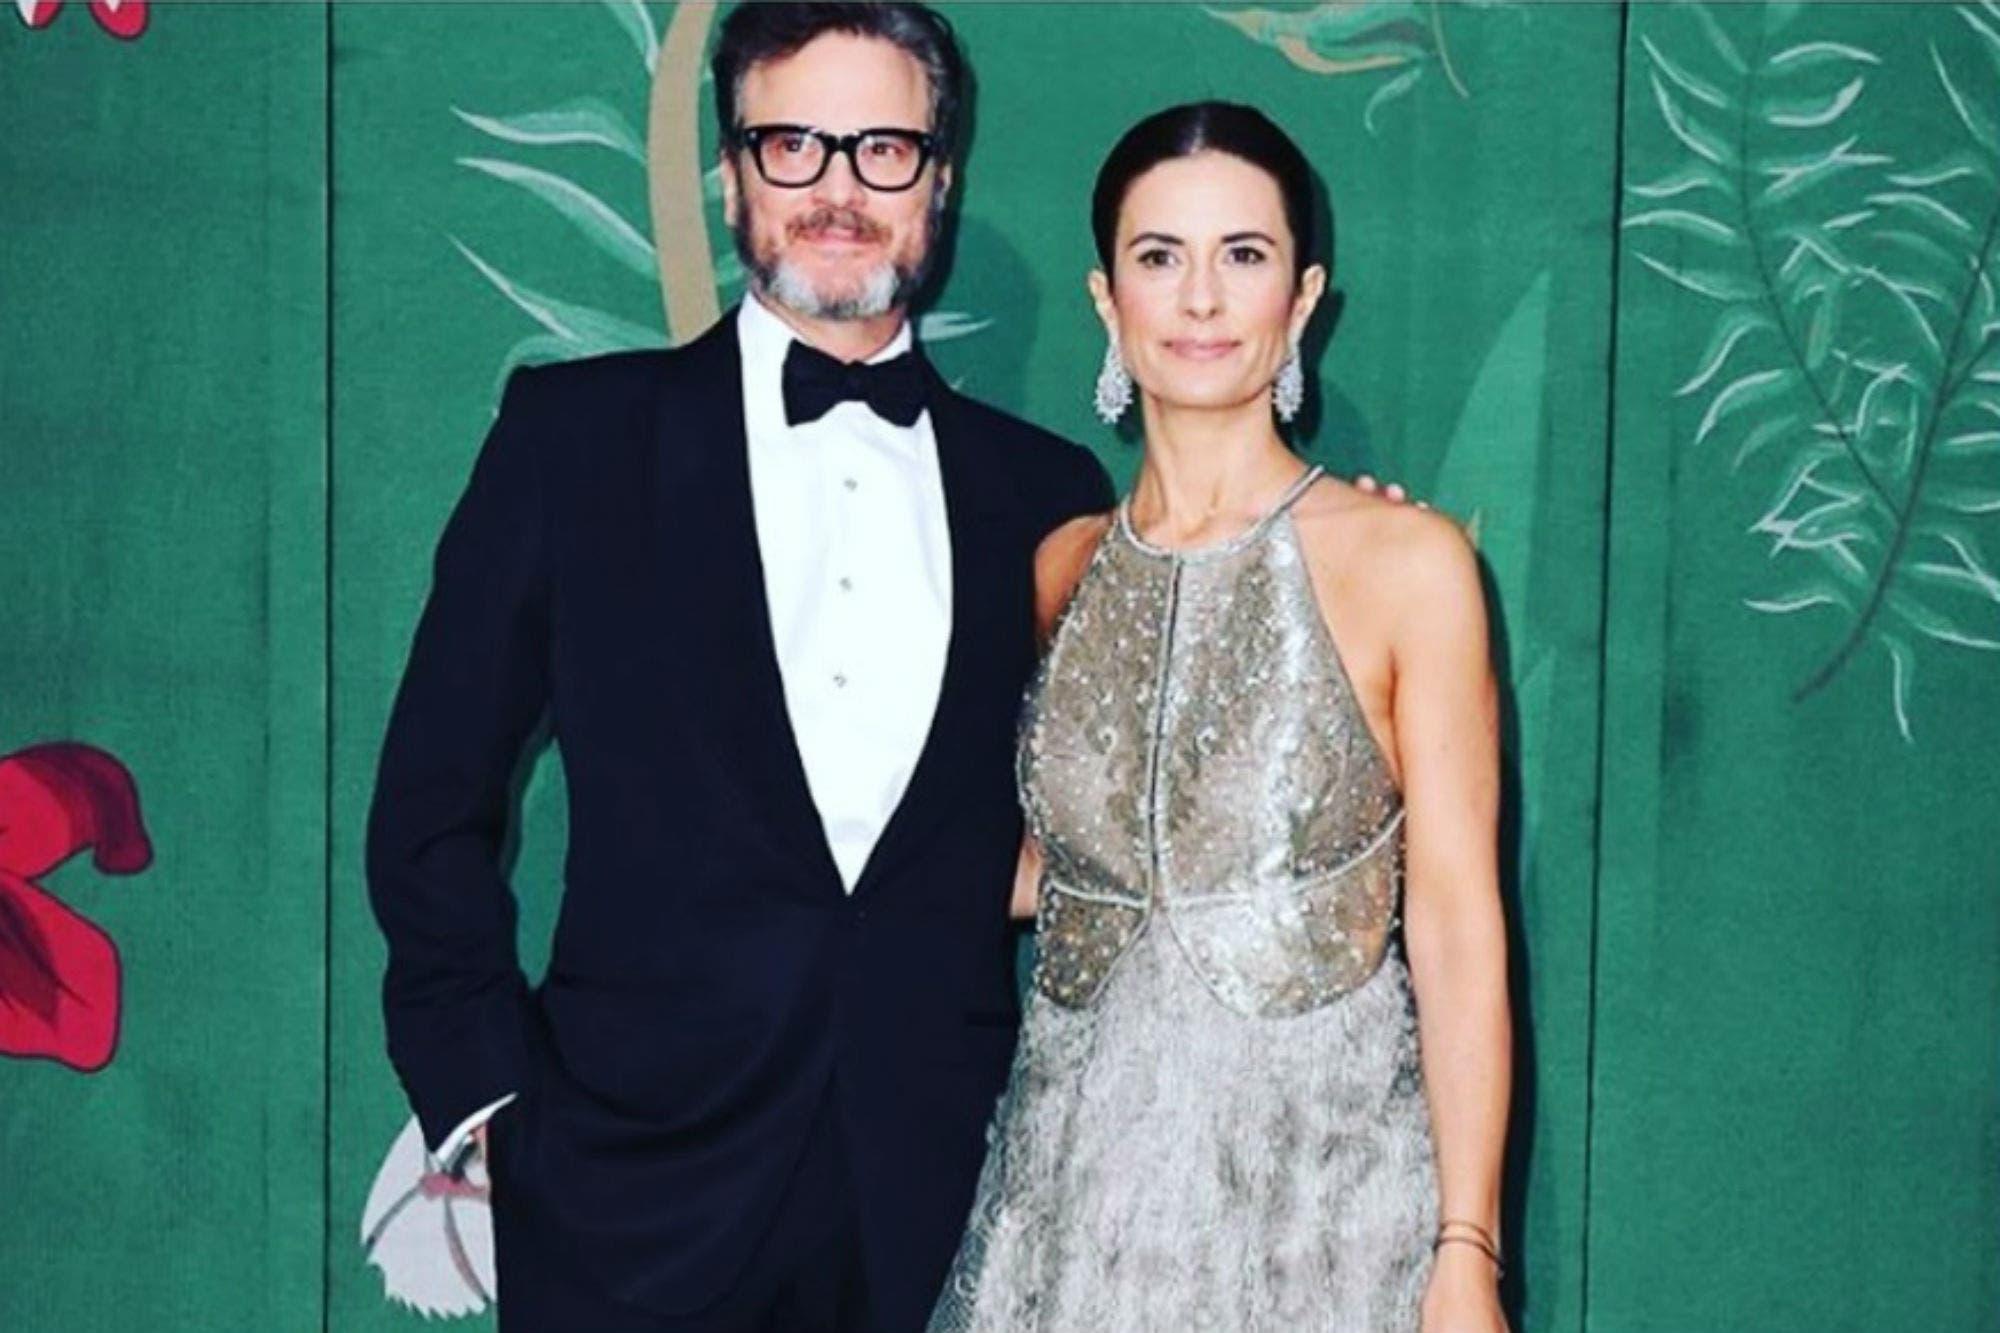 Después de 22 años de casados, Colin Firth se separó de su mujer